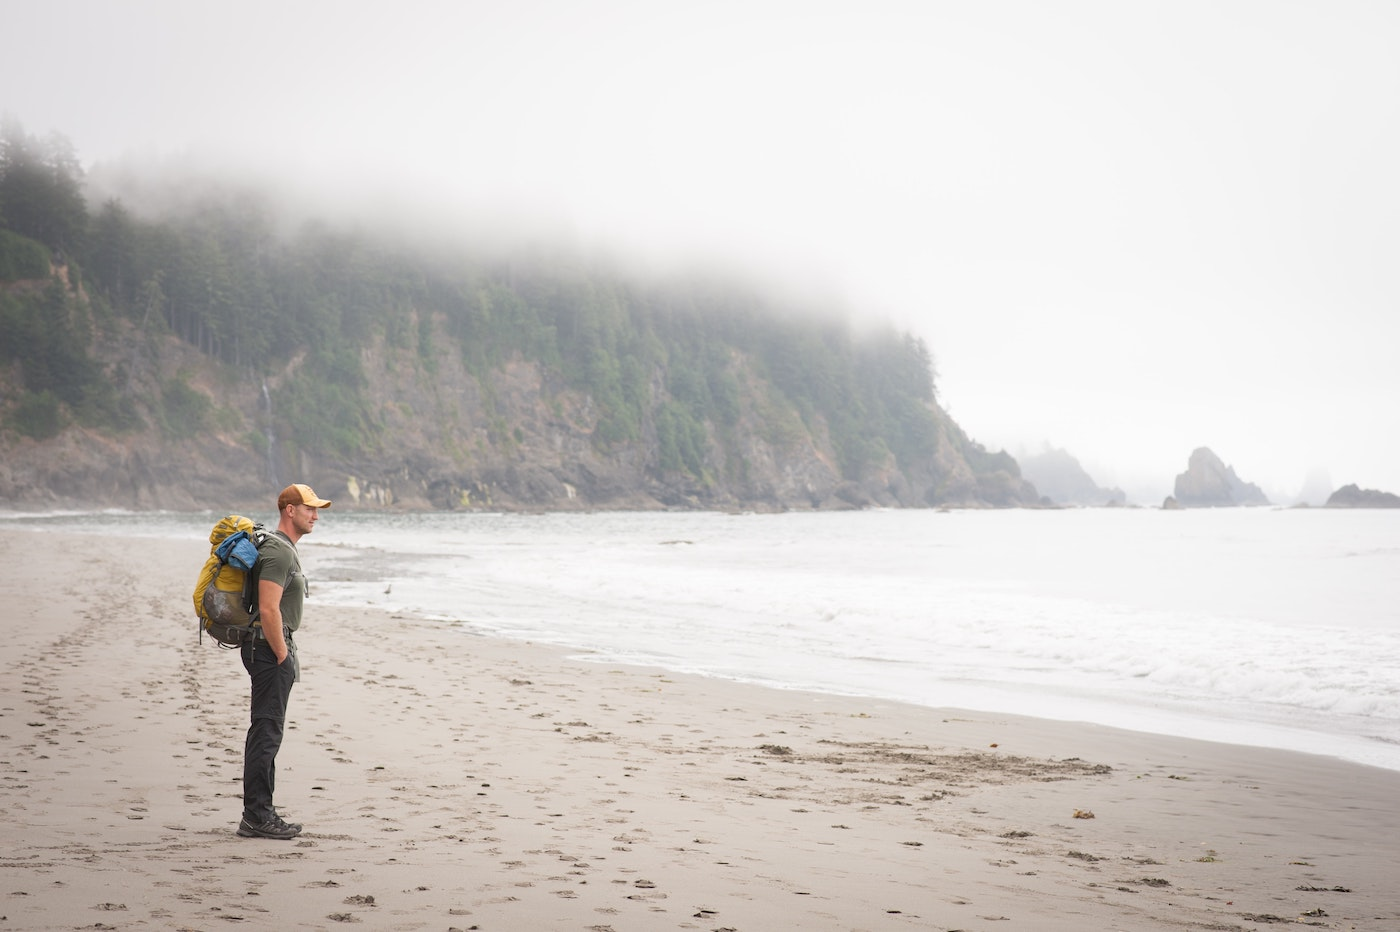 Mann mit Rucksack steht an einem Meeresstrand, neblige Stimmung